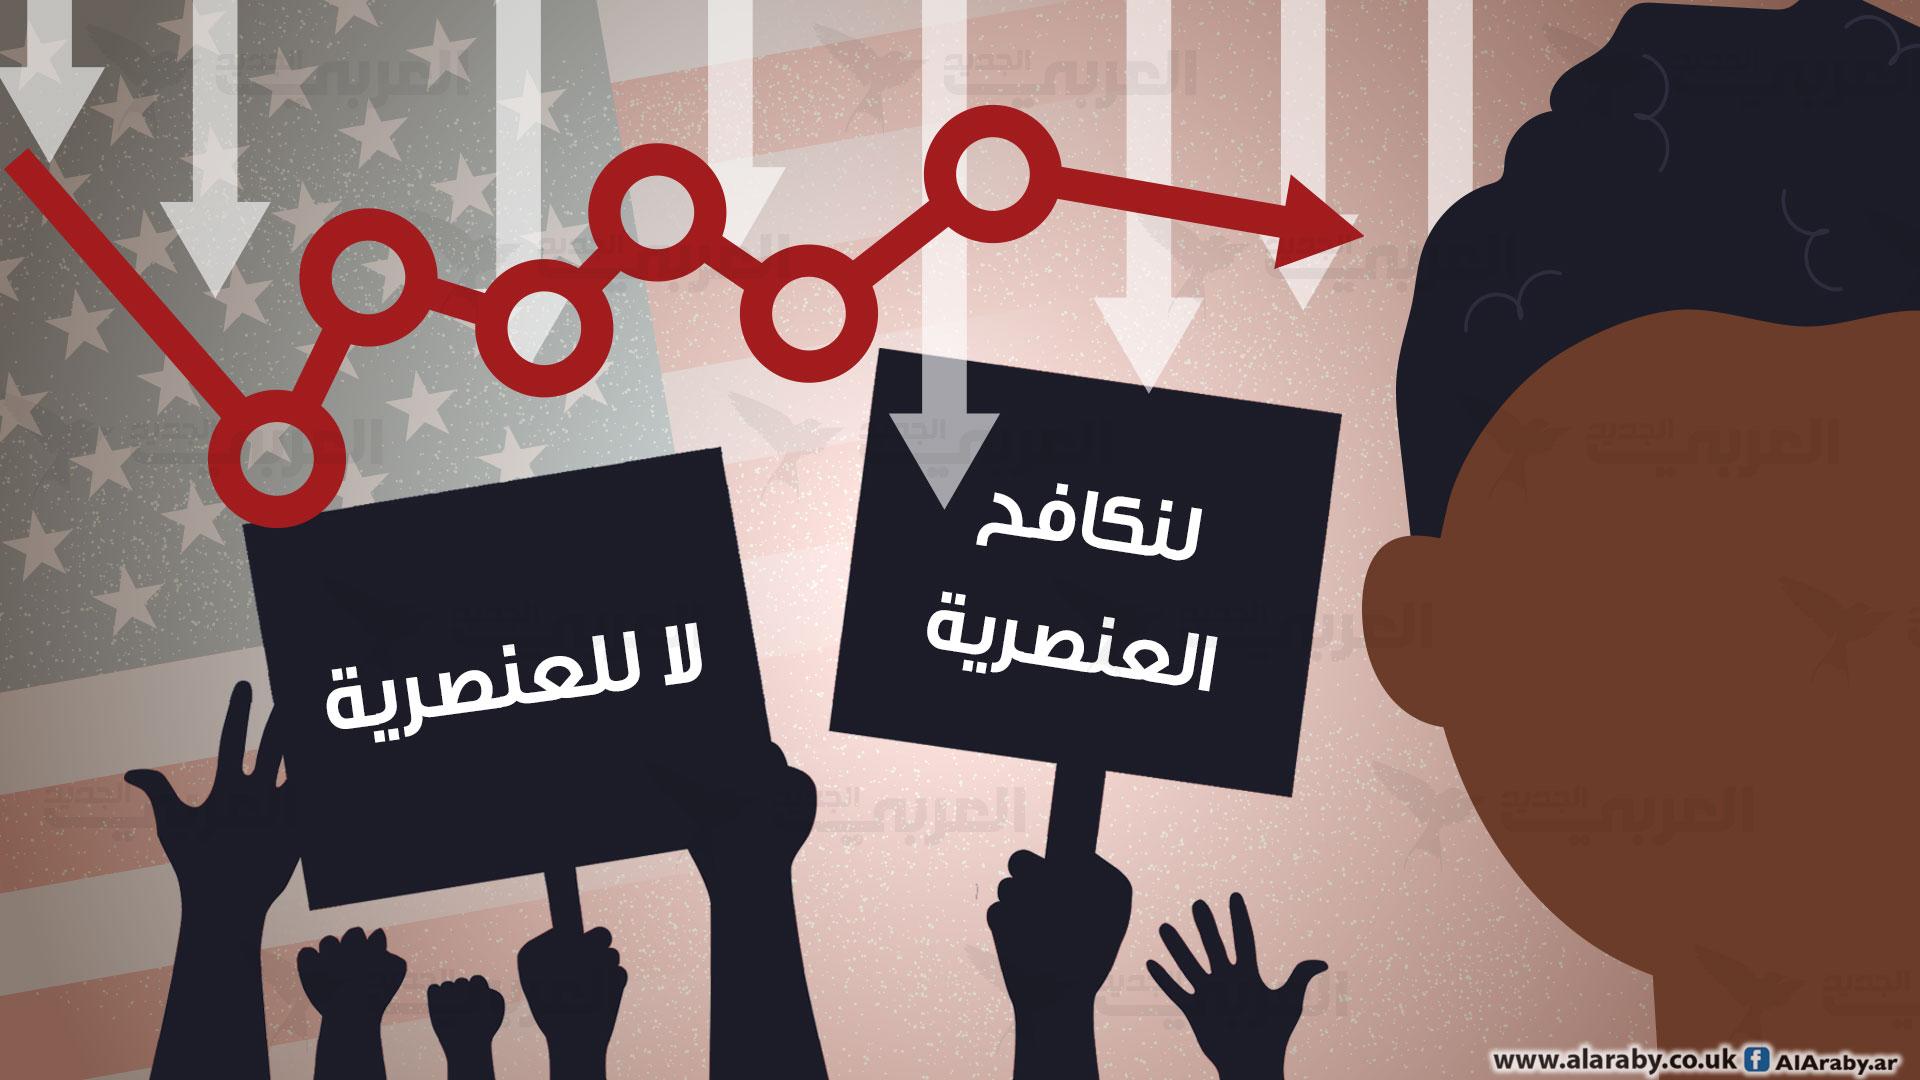 عنصرية اقتصادية في أميركا ضحيتها السود